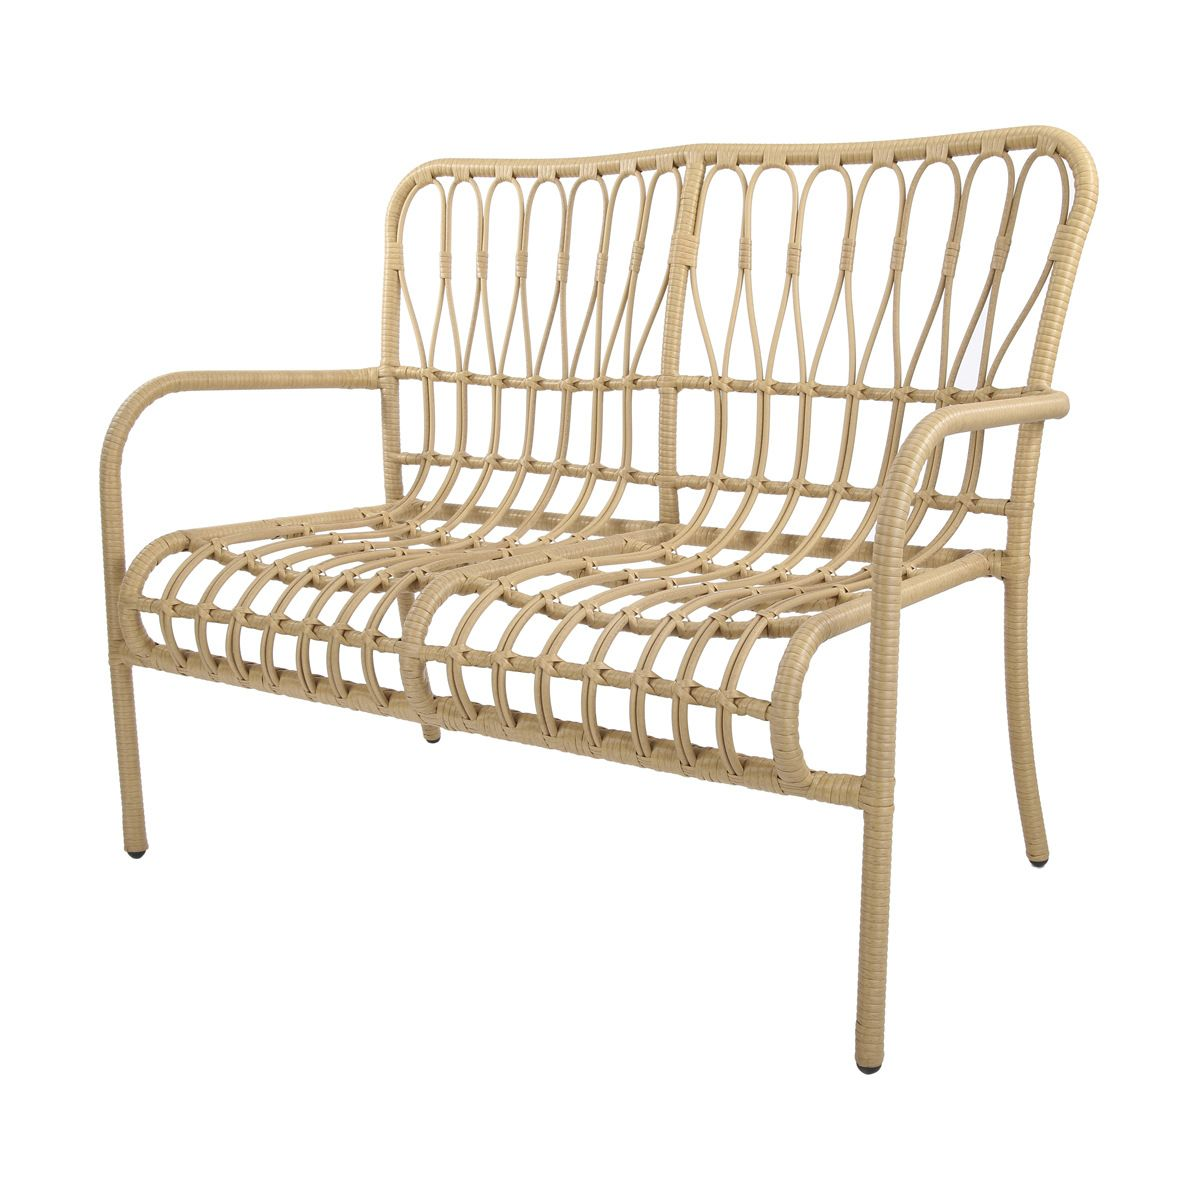 acapulco chair nz canvas beach sofa kmart review home co